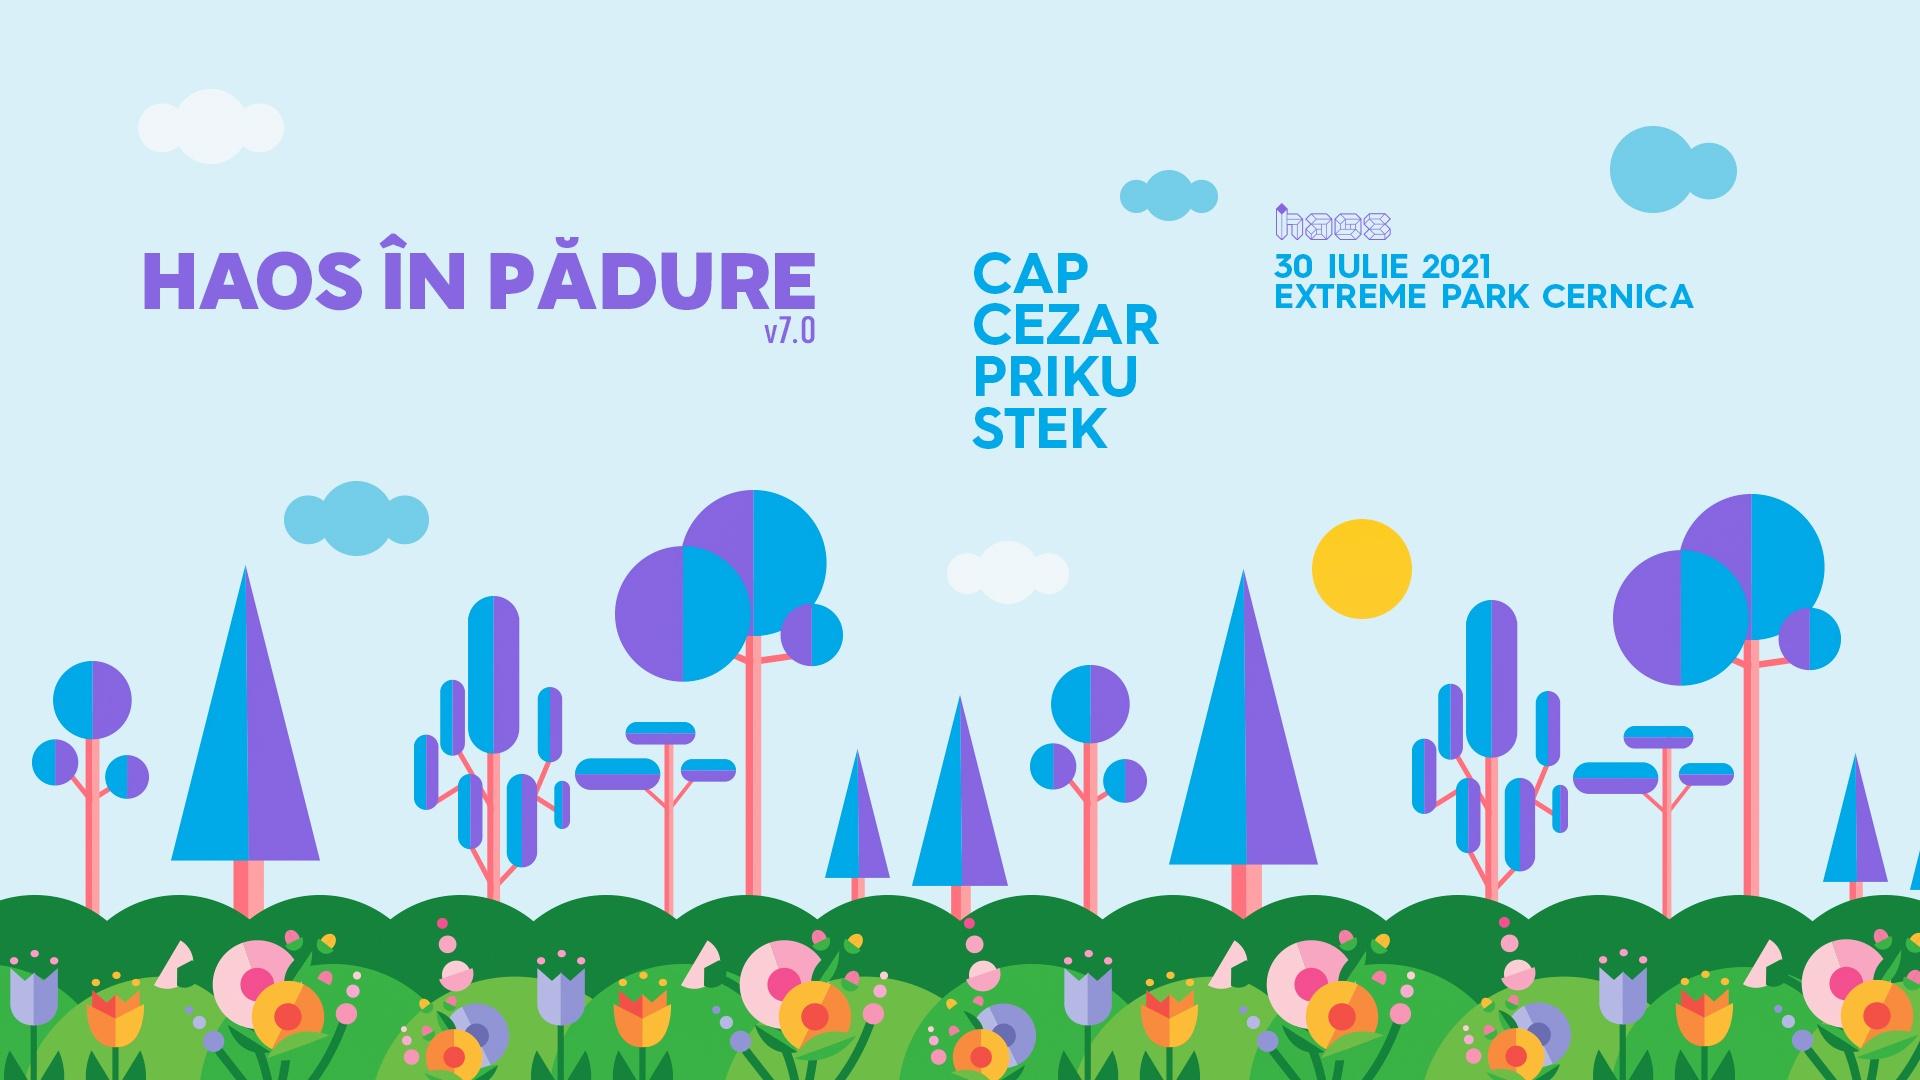 HAOS in Padure v7.0 w/ Cap, Cezar, Priku, Stek